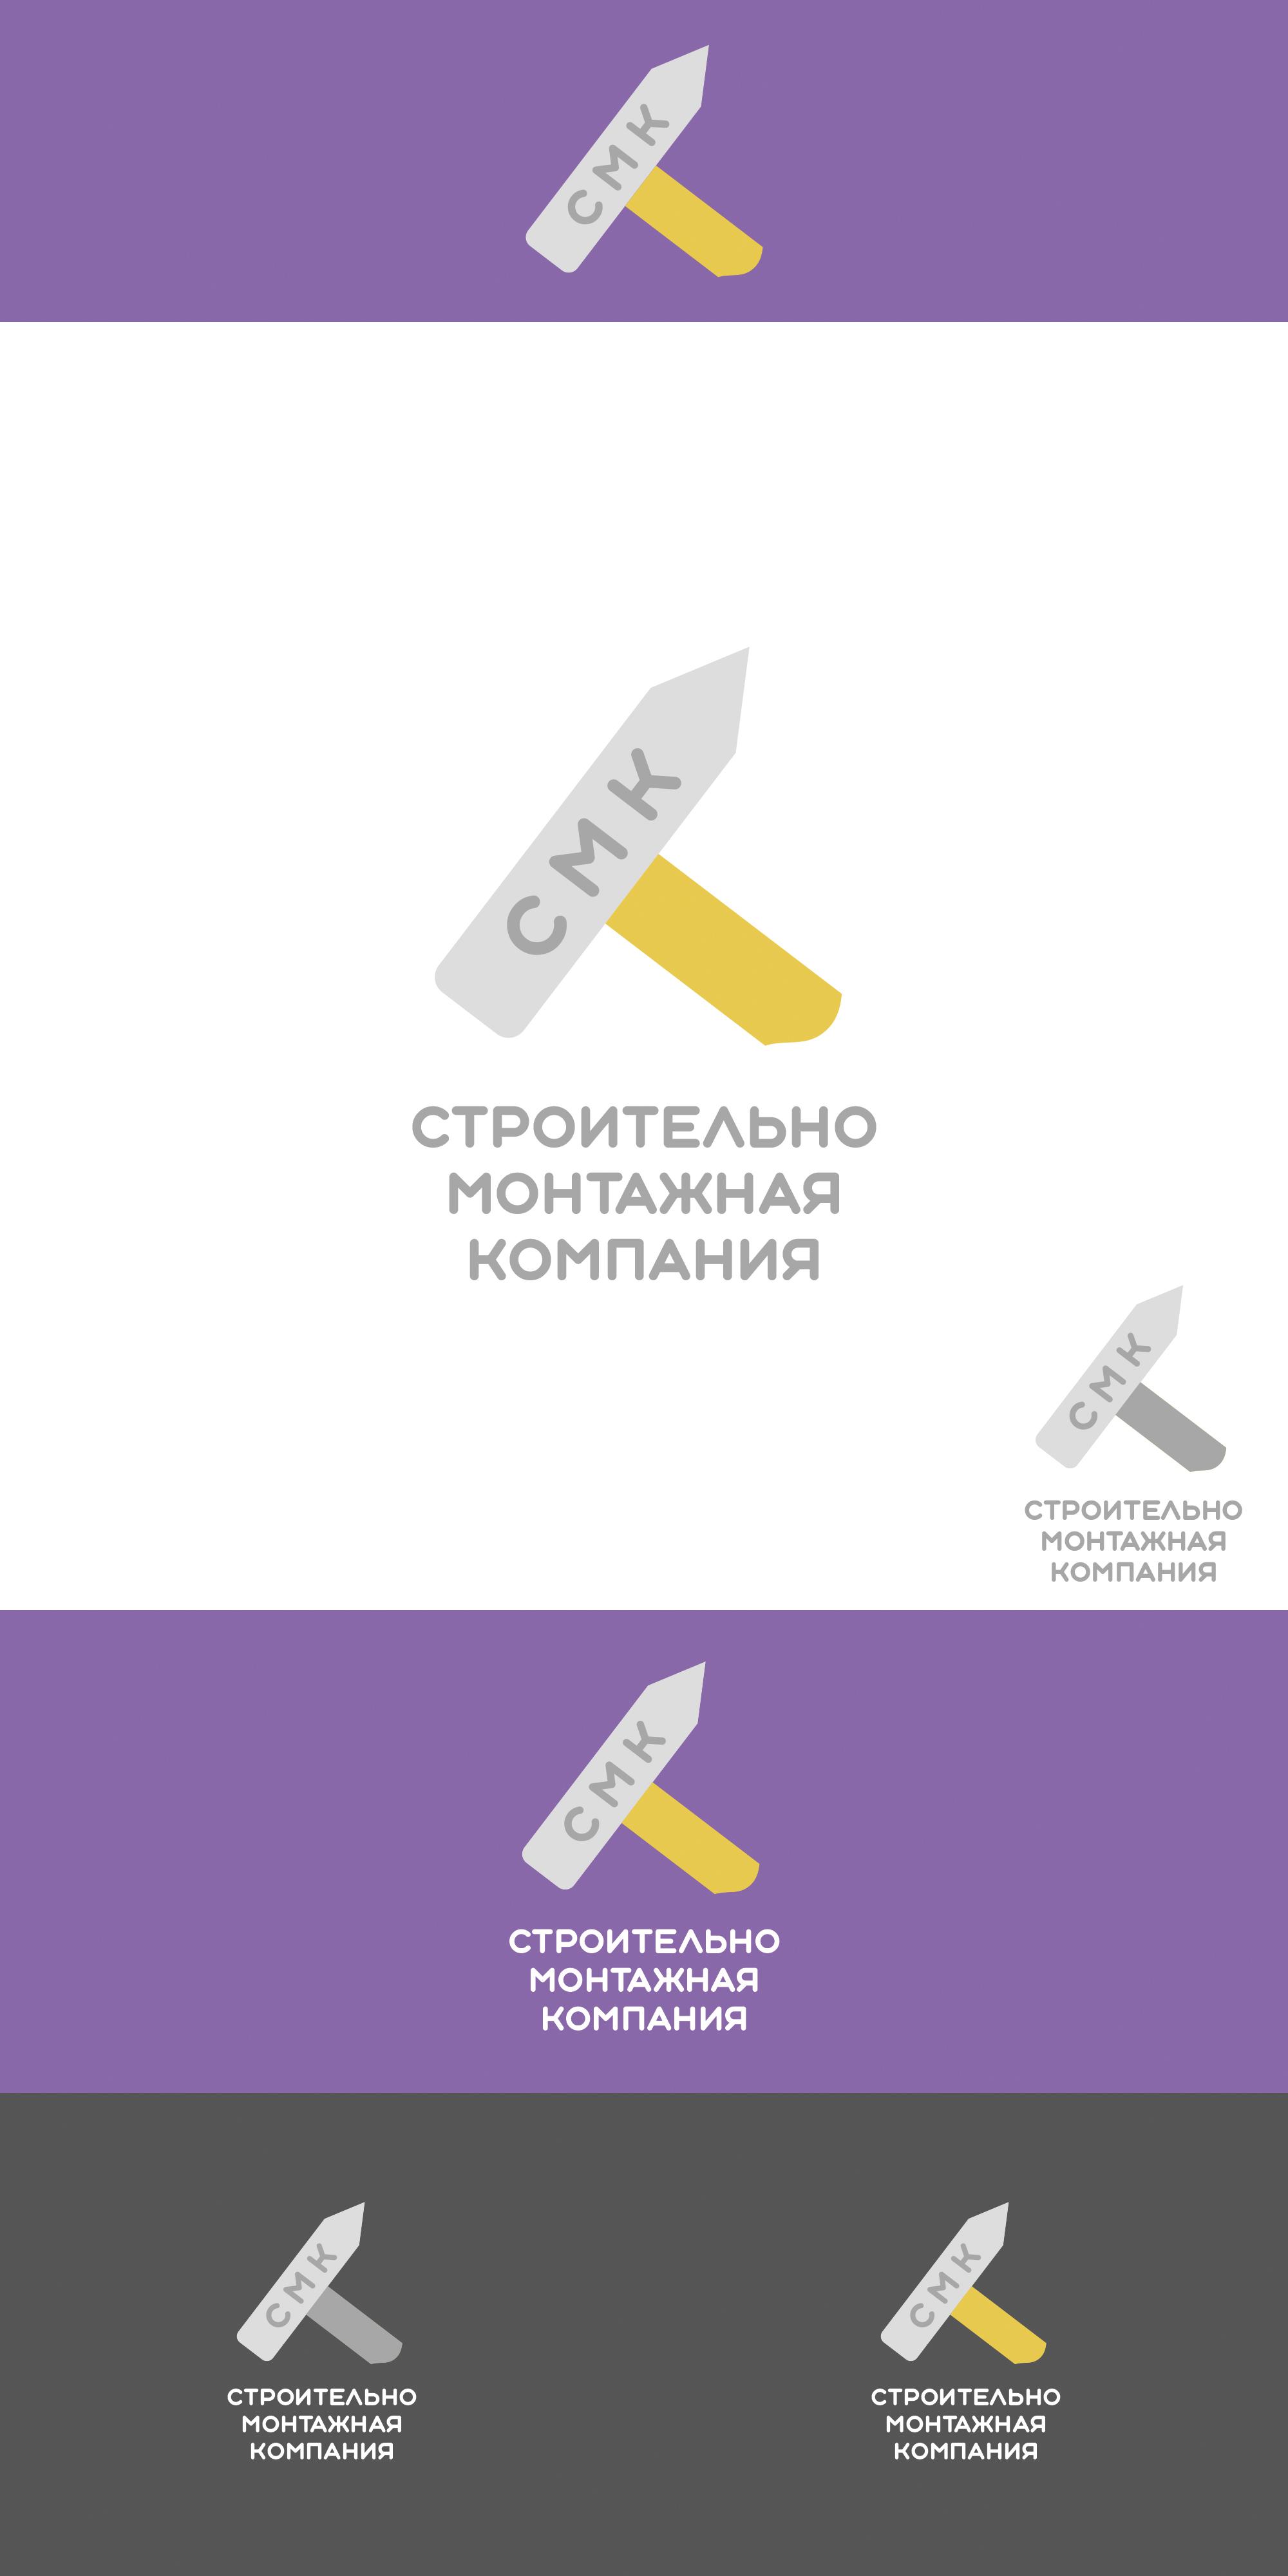 Разработка логотипа компании фото f_6135ddbd62d014a3.jpg